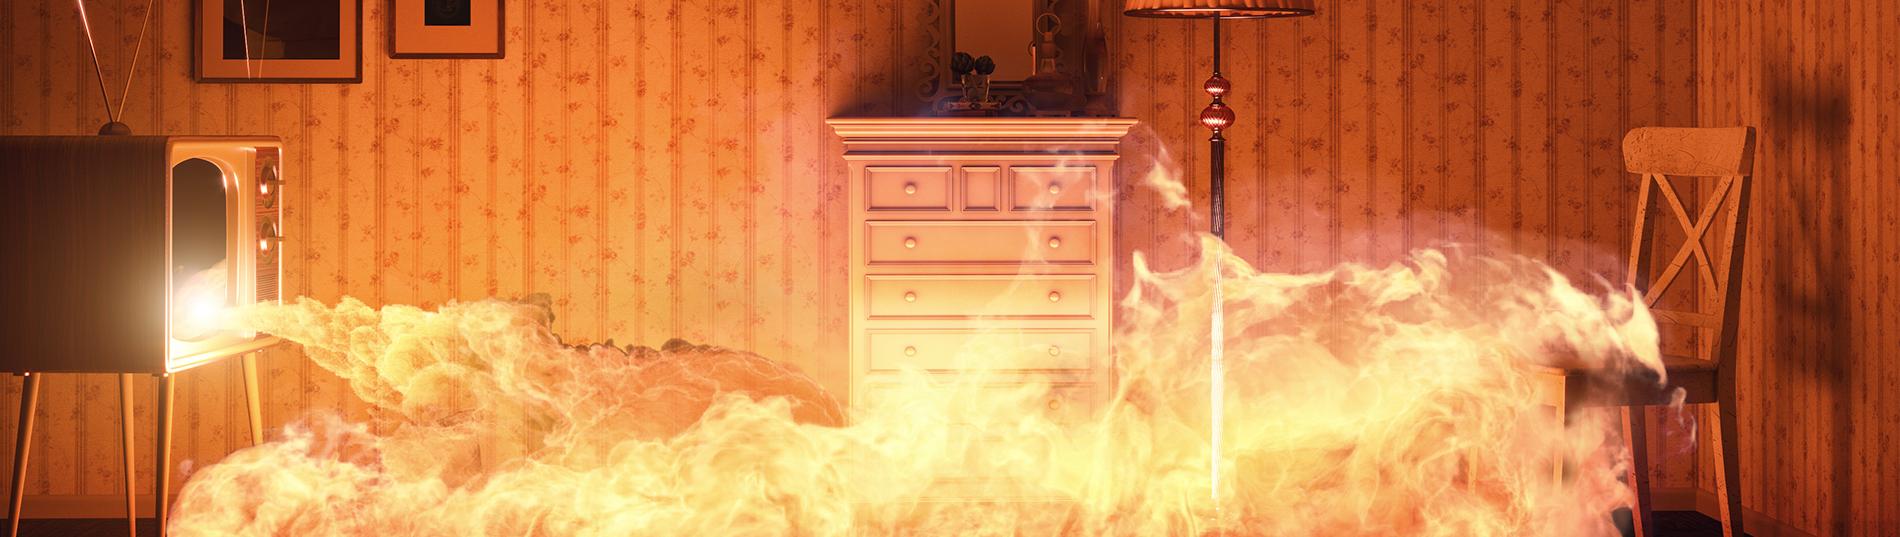 Assurance incendie contenu